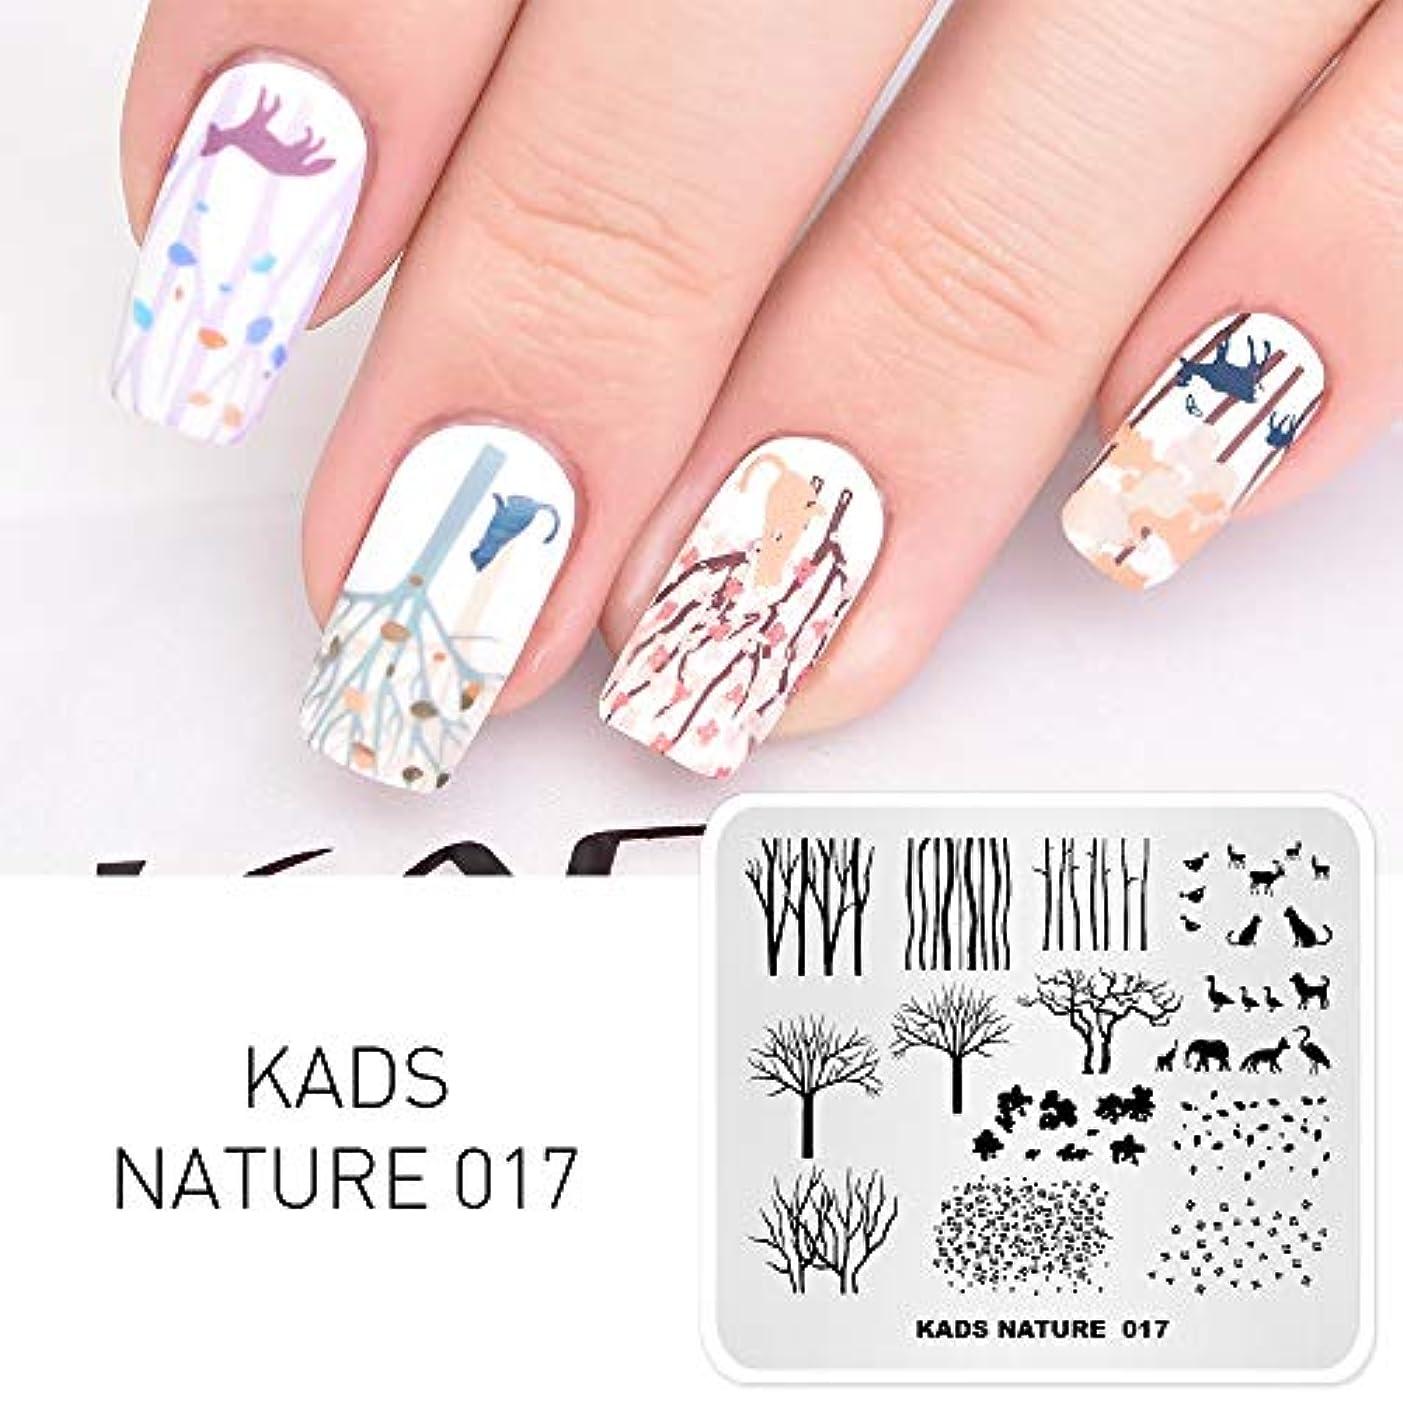 借りる減らす好みKADS ネイルプレート ネイルイメージプレート 可愛いキツネ 象 鹿など ネイルアートツール (NA017)